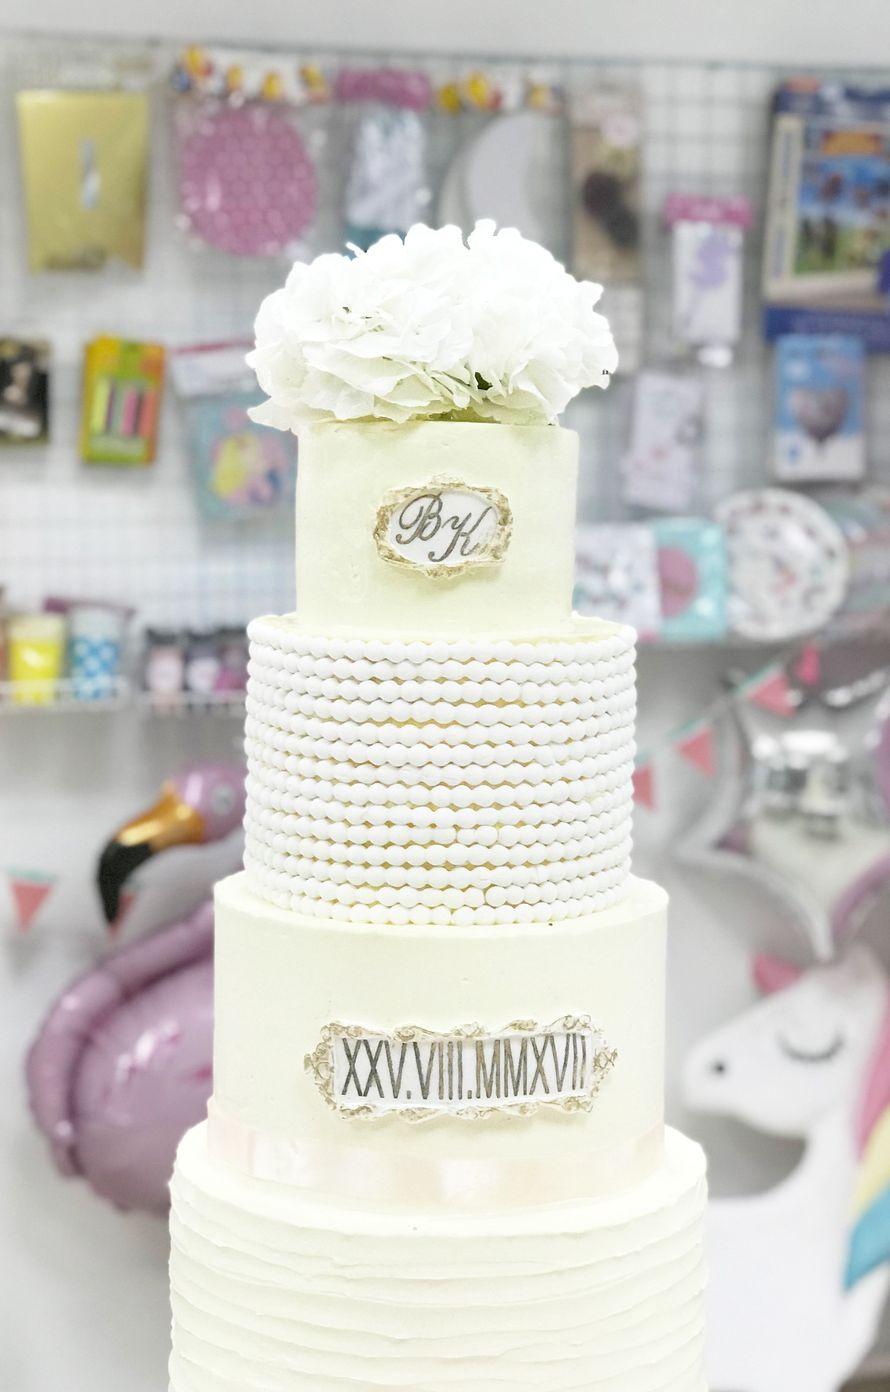 торт с цветочным декором начинки из ассортимента Sweet кафе изготовление 3 дня работа по полной предоплате - фото 17824568 Sweet - кафе-кондитерская